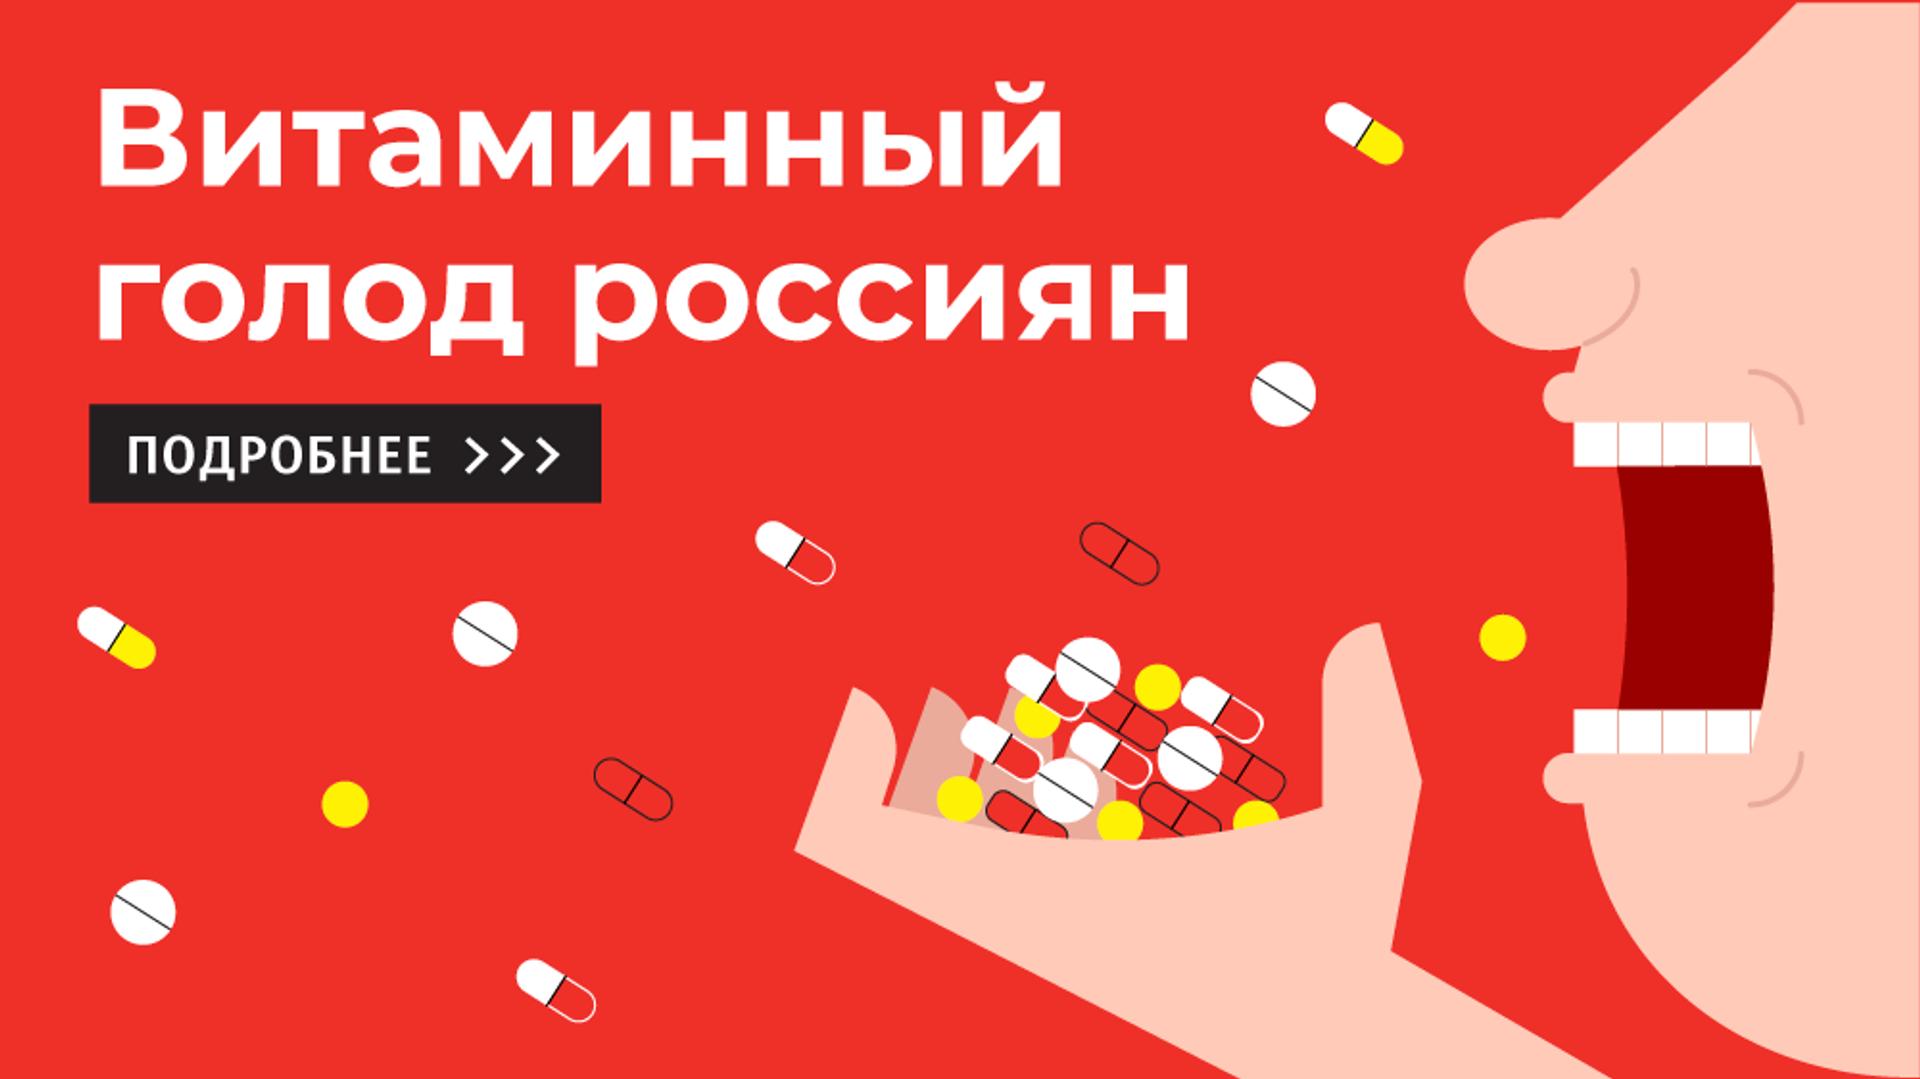 Витаминный голод - РИА Новости, 1920, 12.10.2018